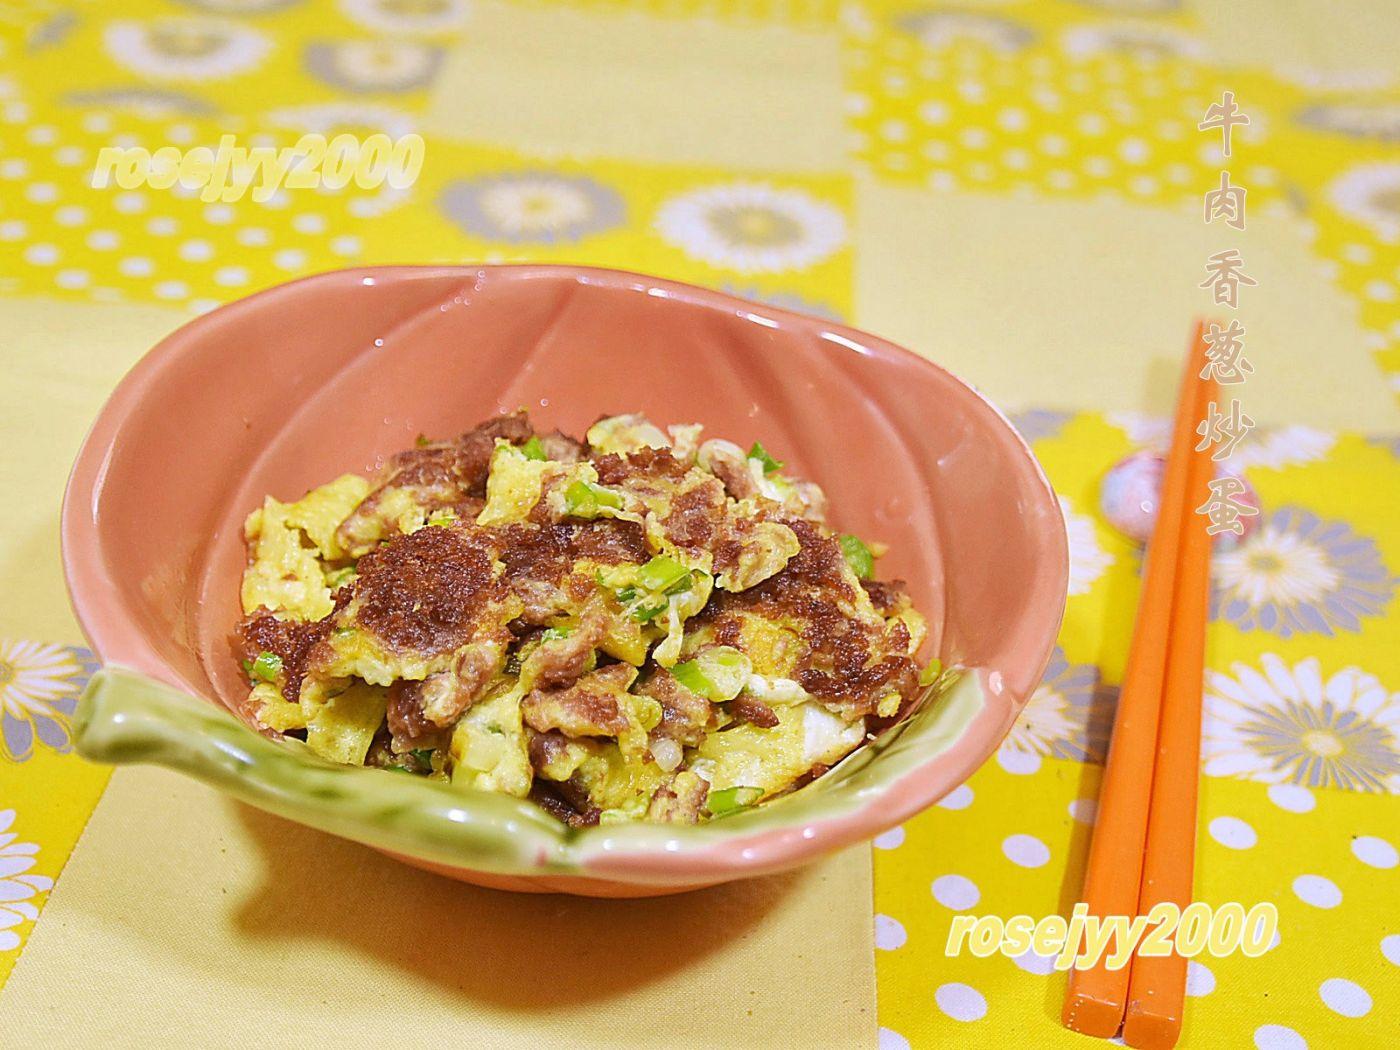 罐头牛肉炒蛋_图1-1